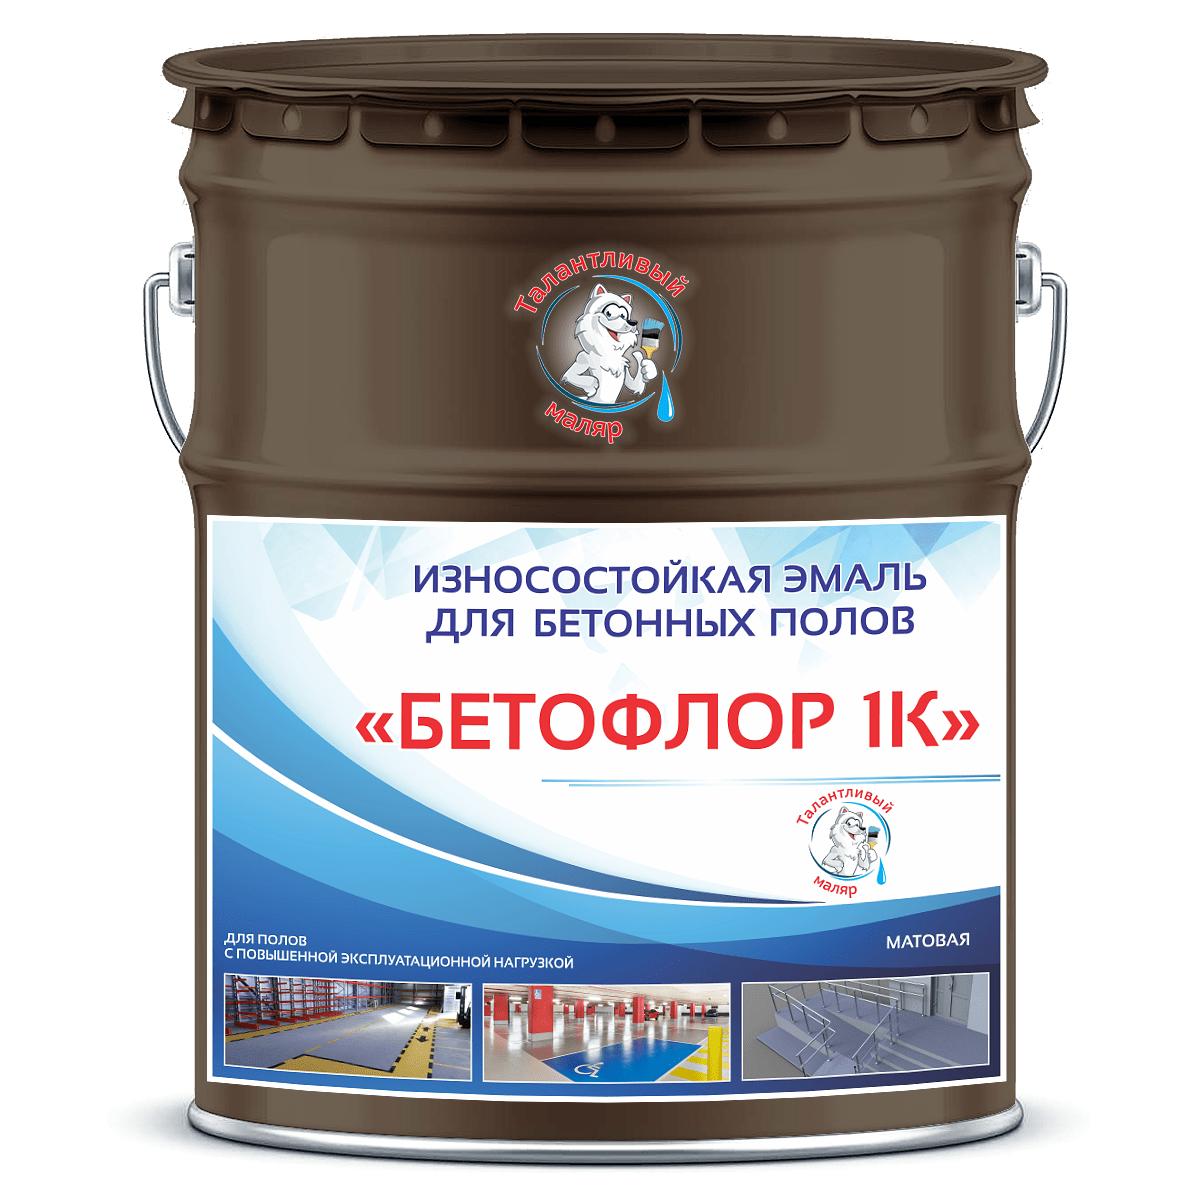 """Фото 10 - BF8014 Эмаль для бетонных полов """"Бетофлор"""" 1К цвет RAL 8014 Сепия коричневый, матовая износостойкая, 25 кг """"Талантливый Маляр""""."""